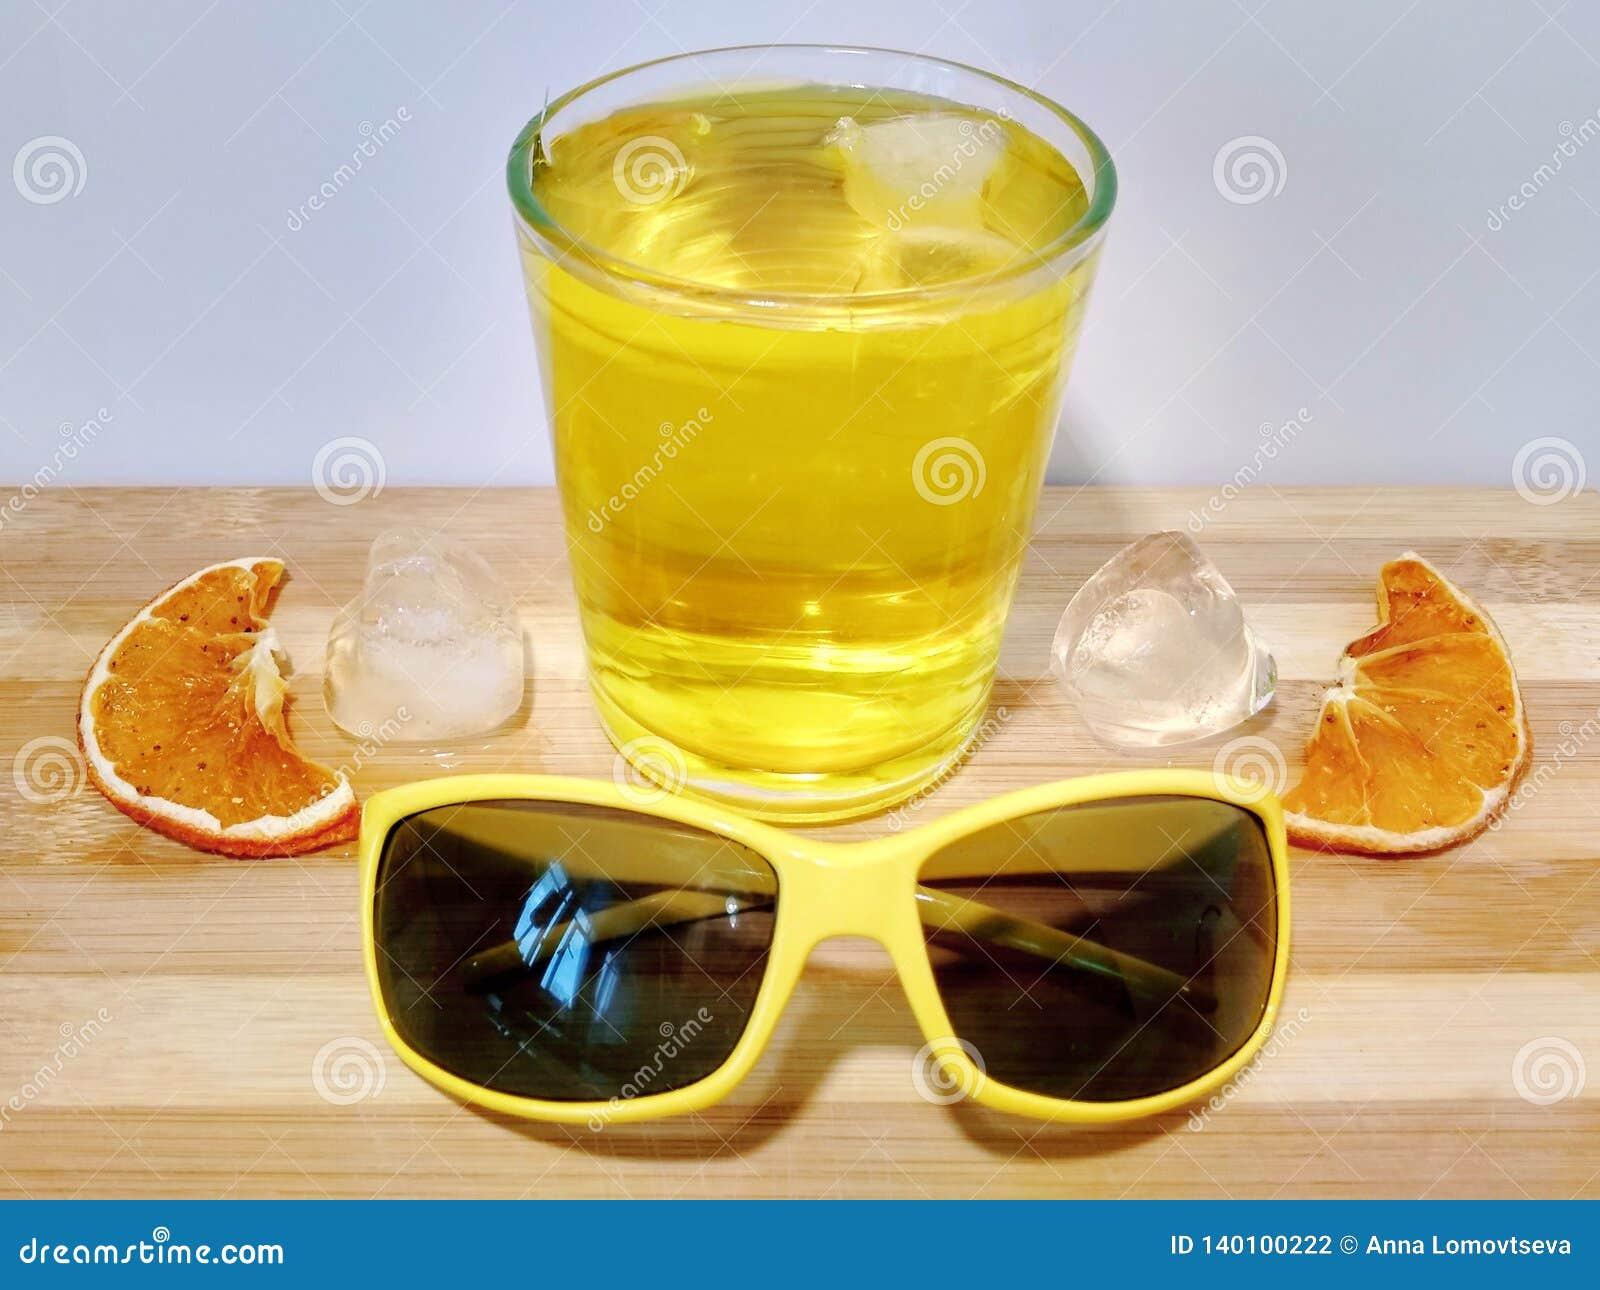 冰浮游物片断在一杯的汁液